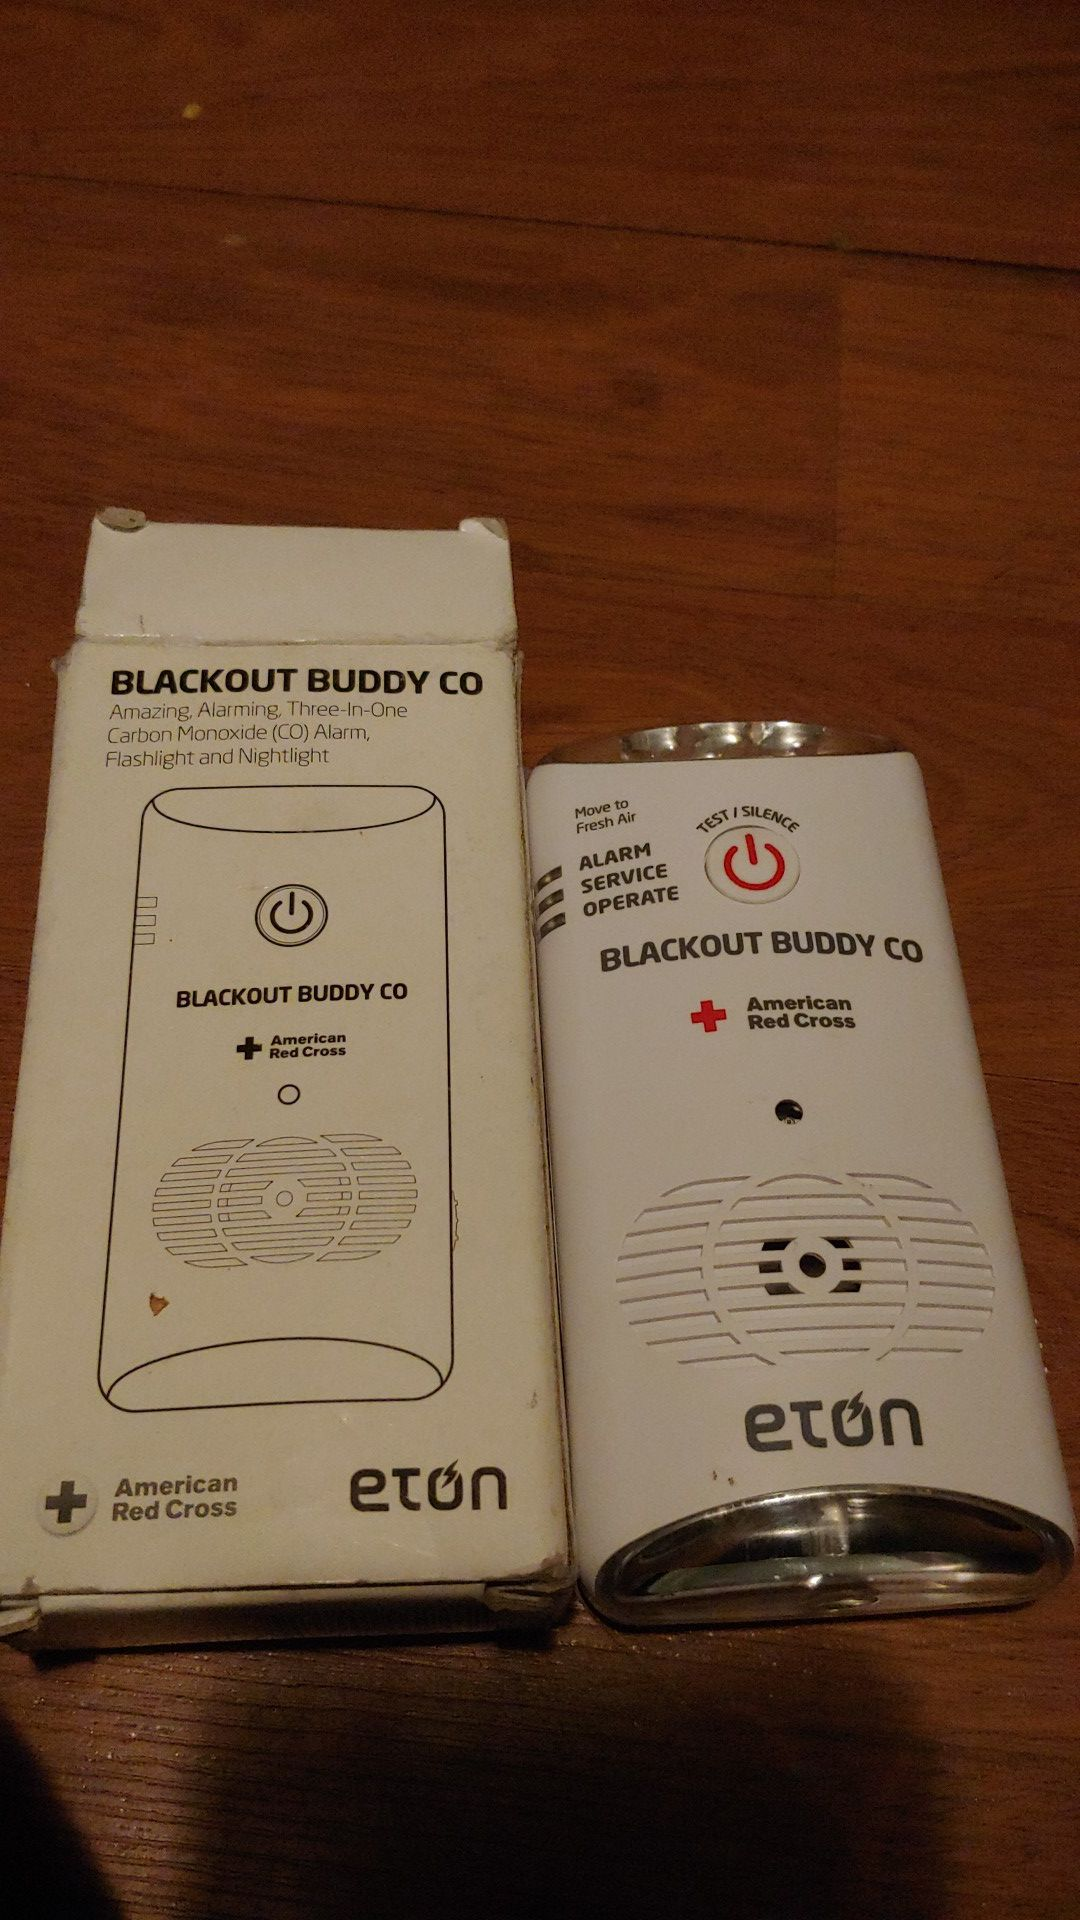 Carbon monoxide alarm and nightlight